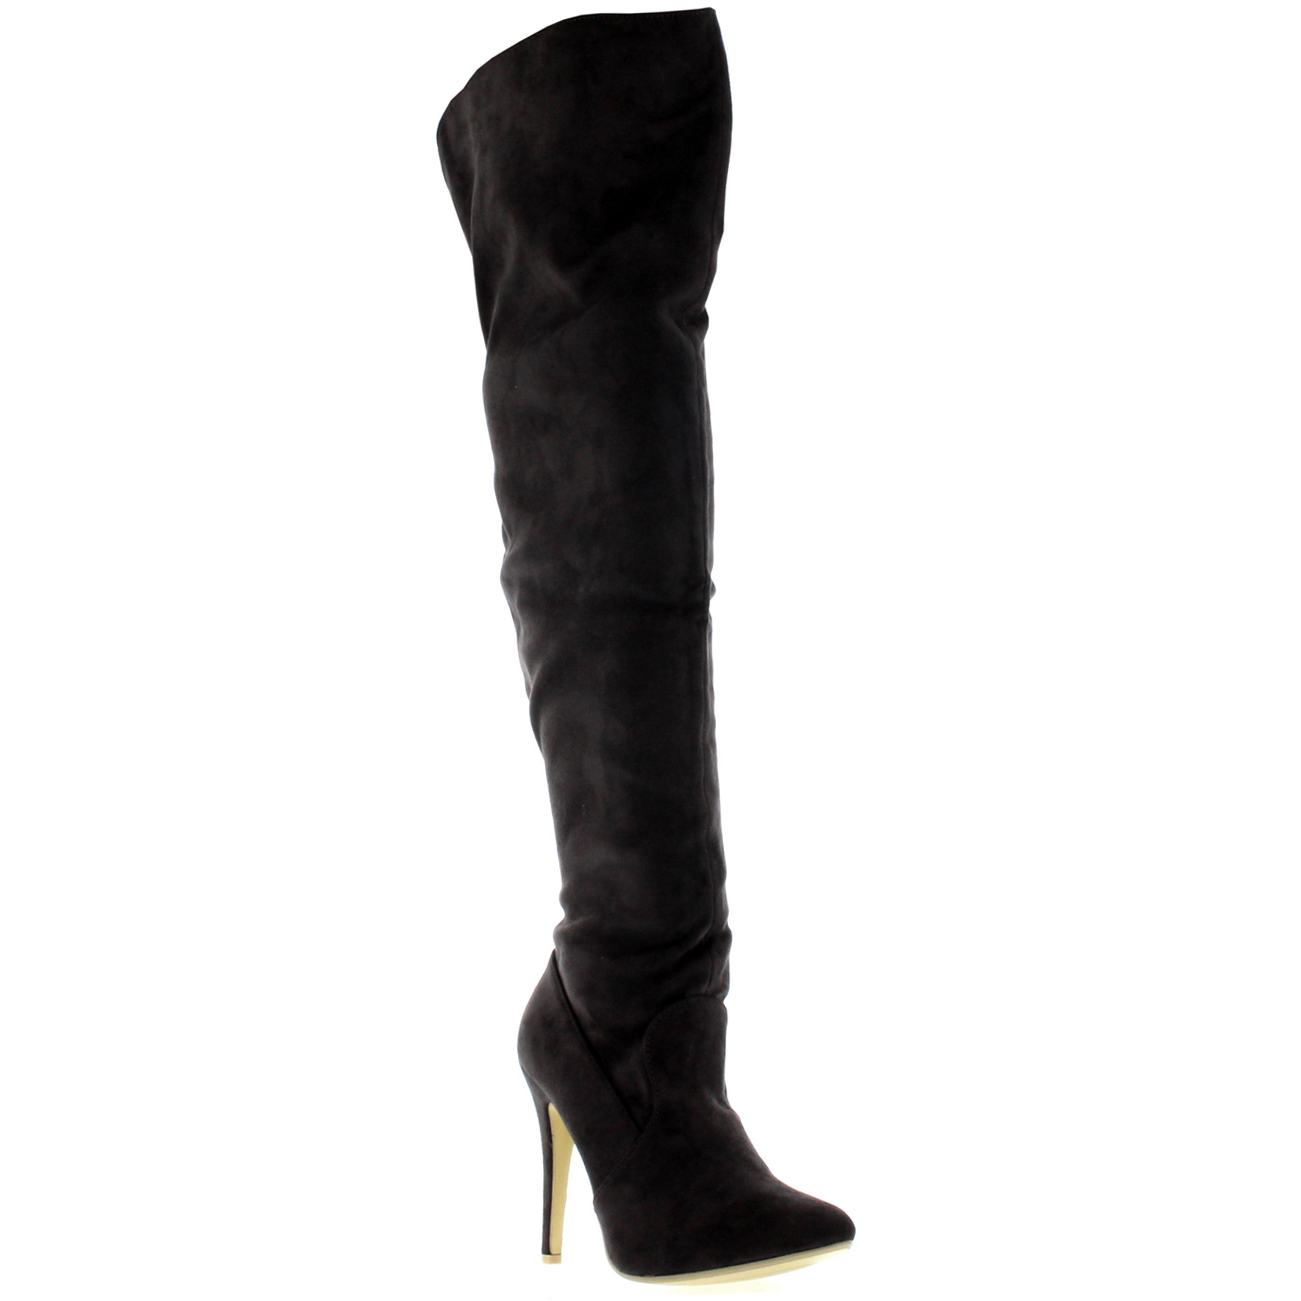 womens thigh high platform stretch high heels evening high